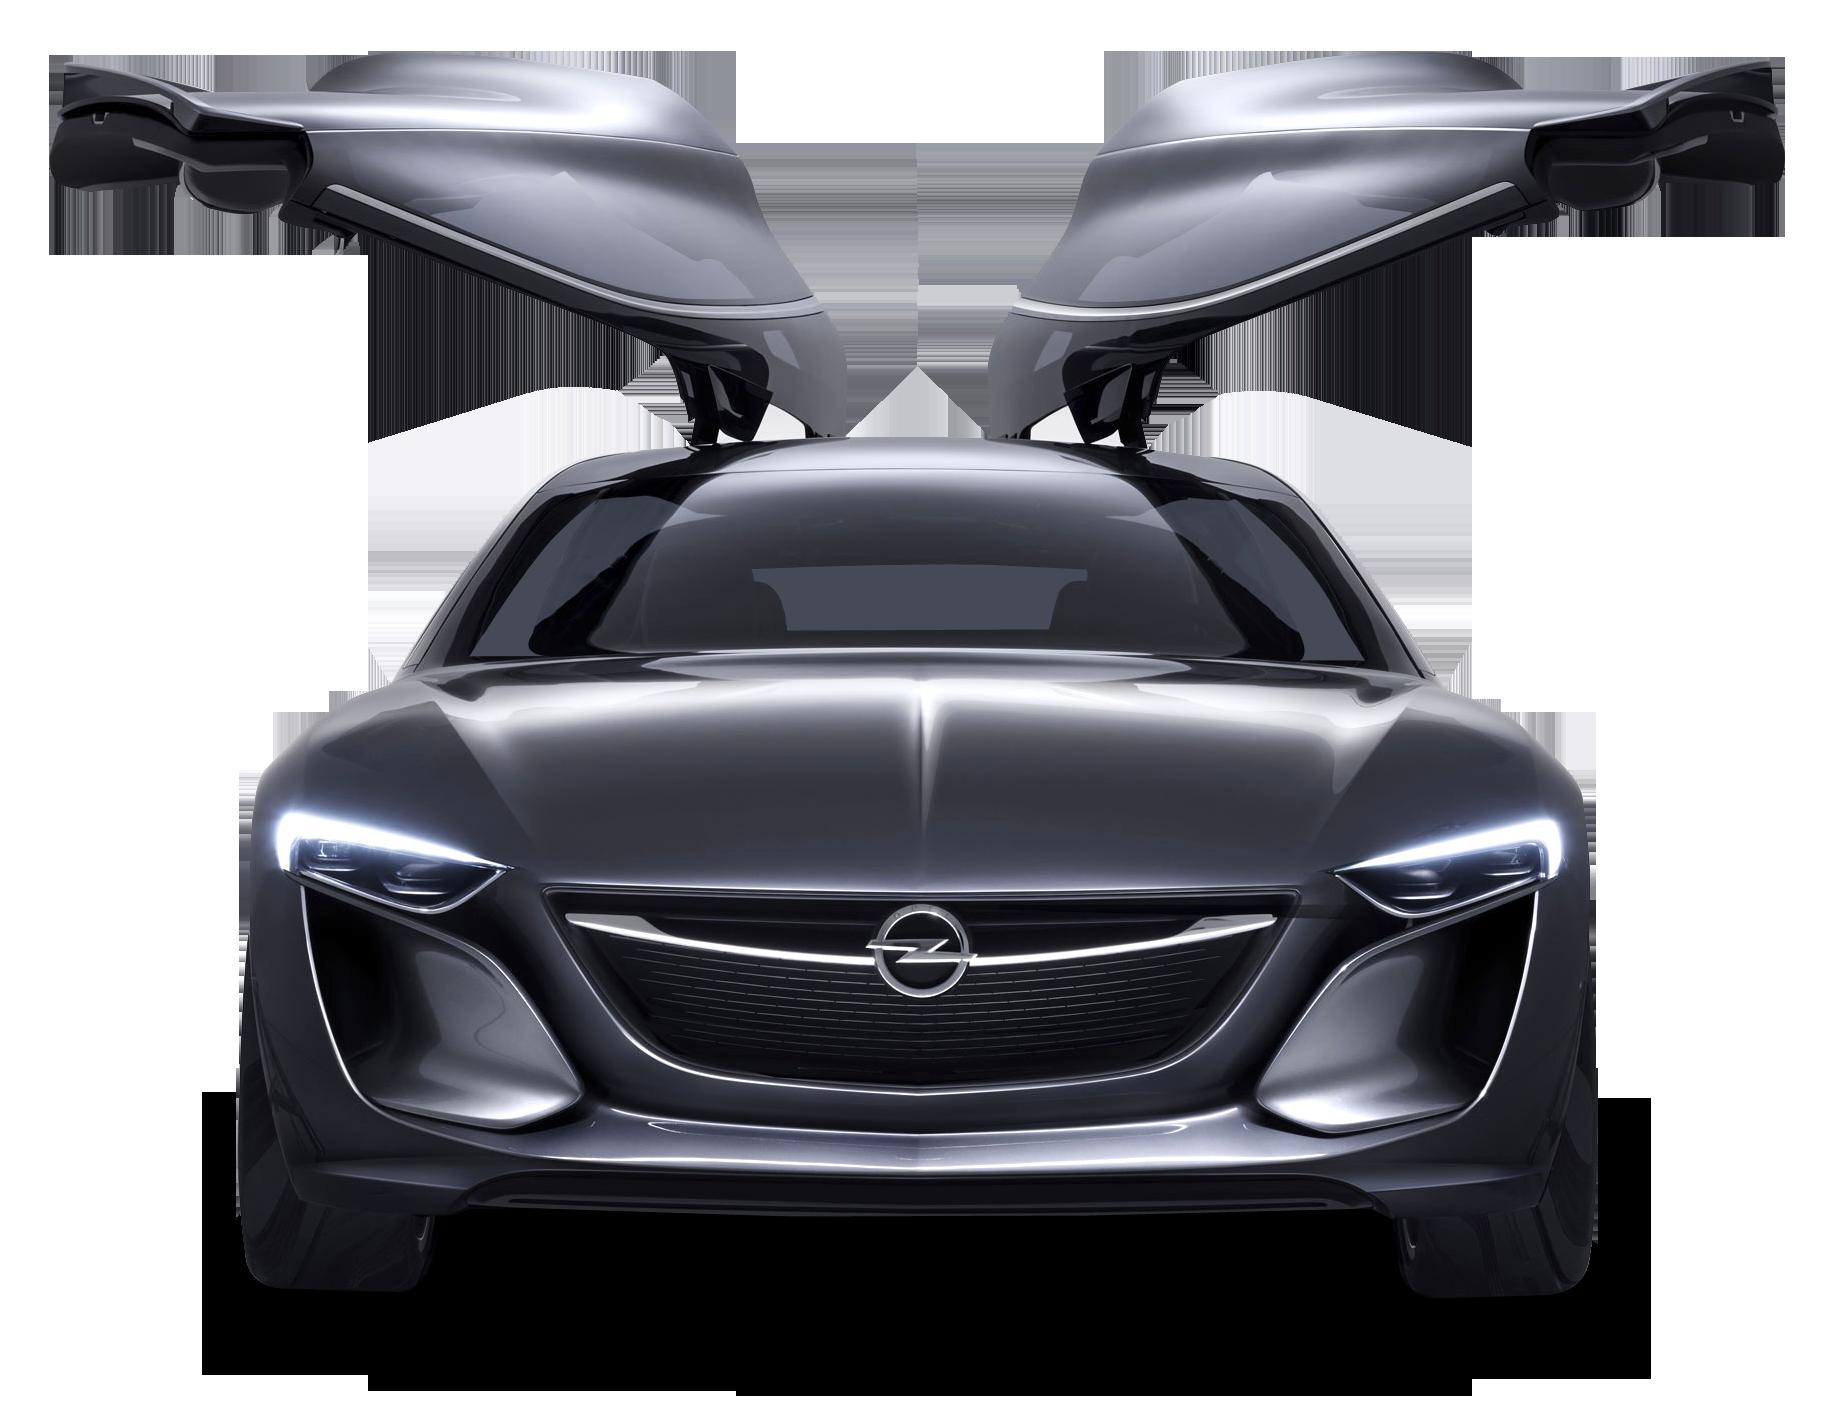 Opel Monza Doors Open Car PNG Image.